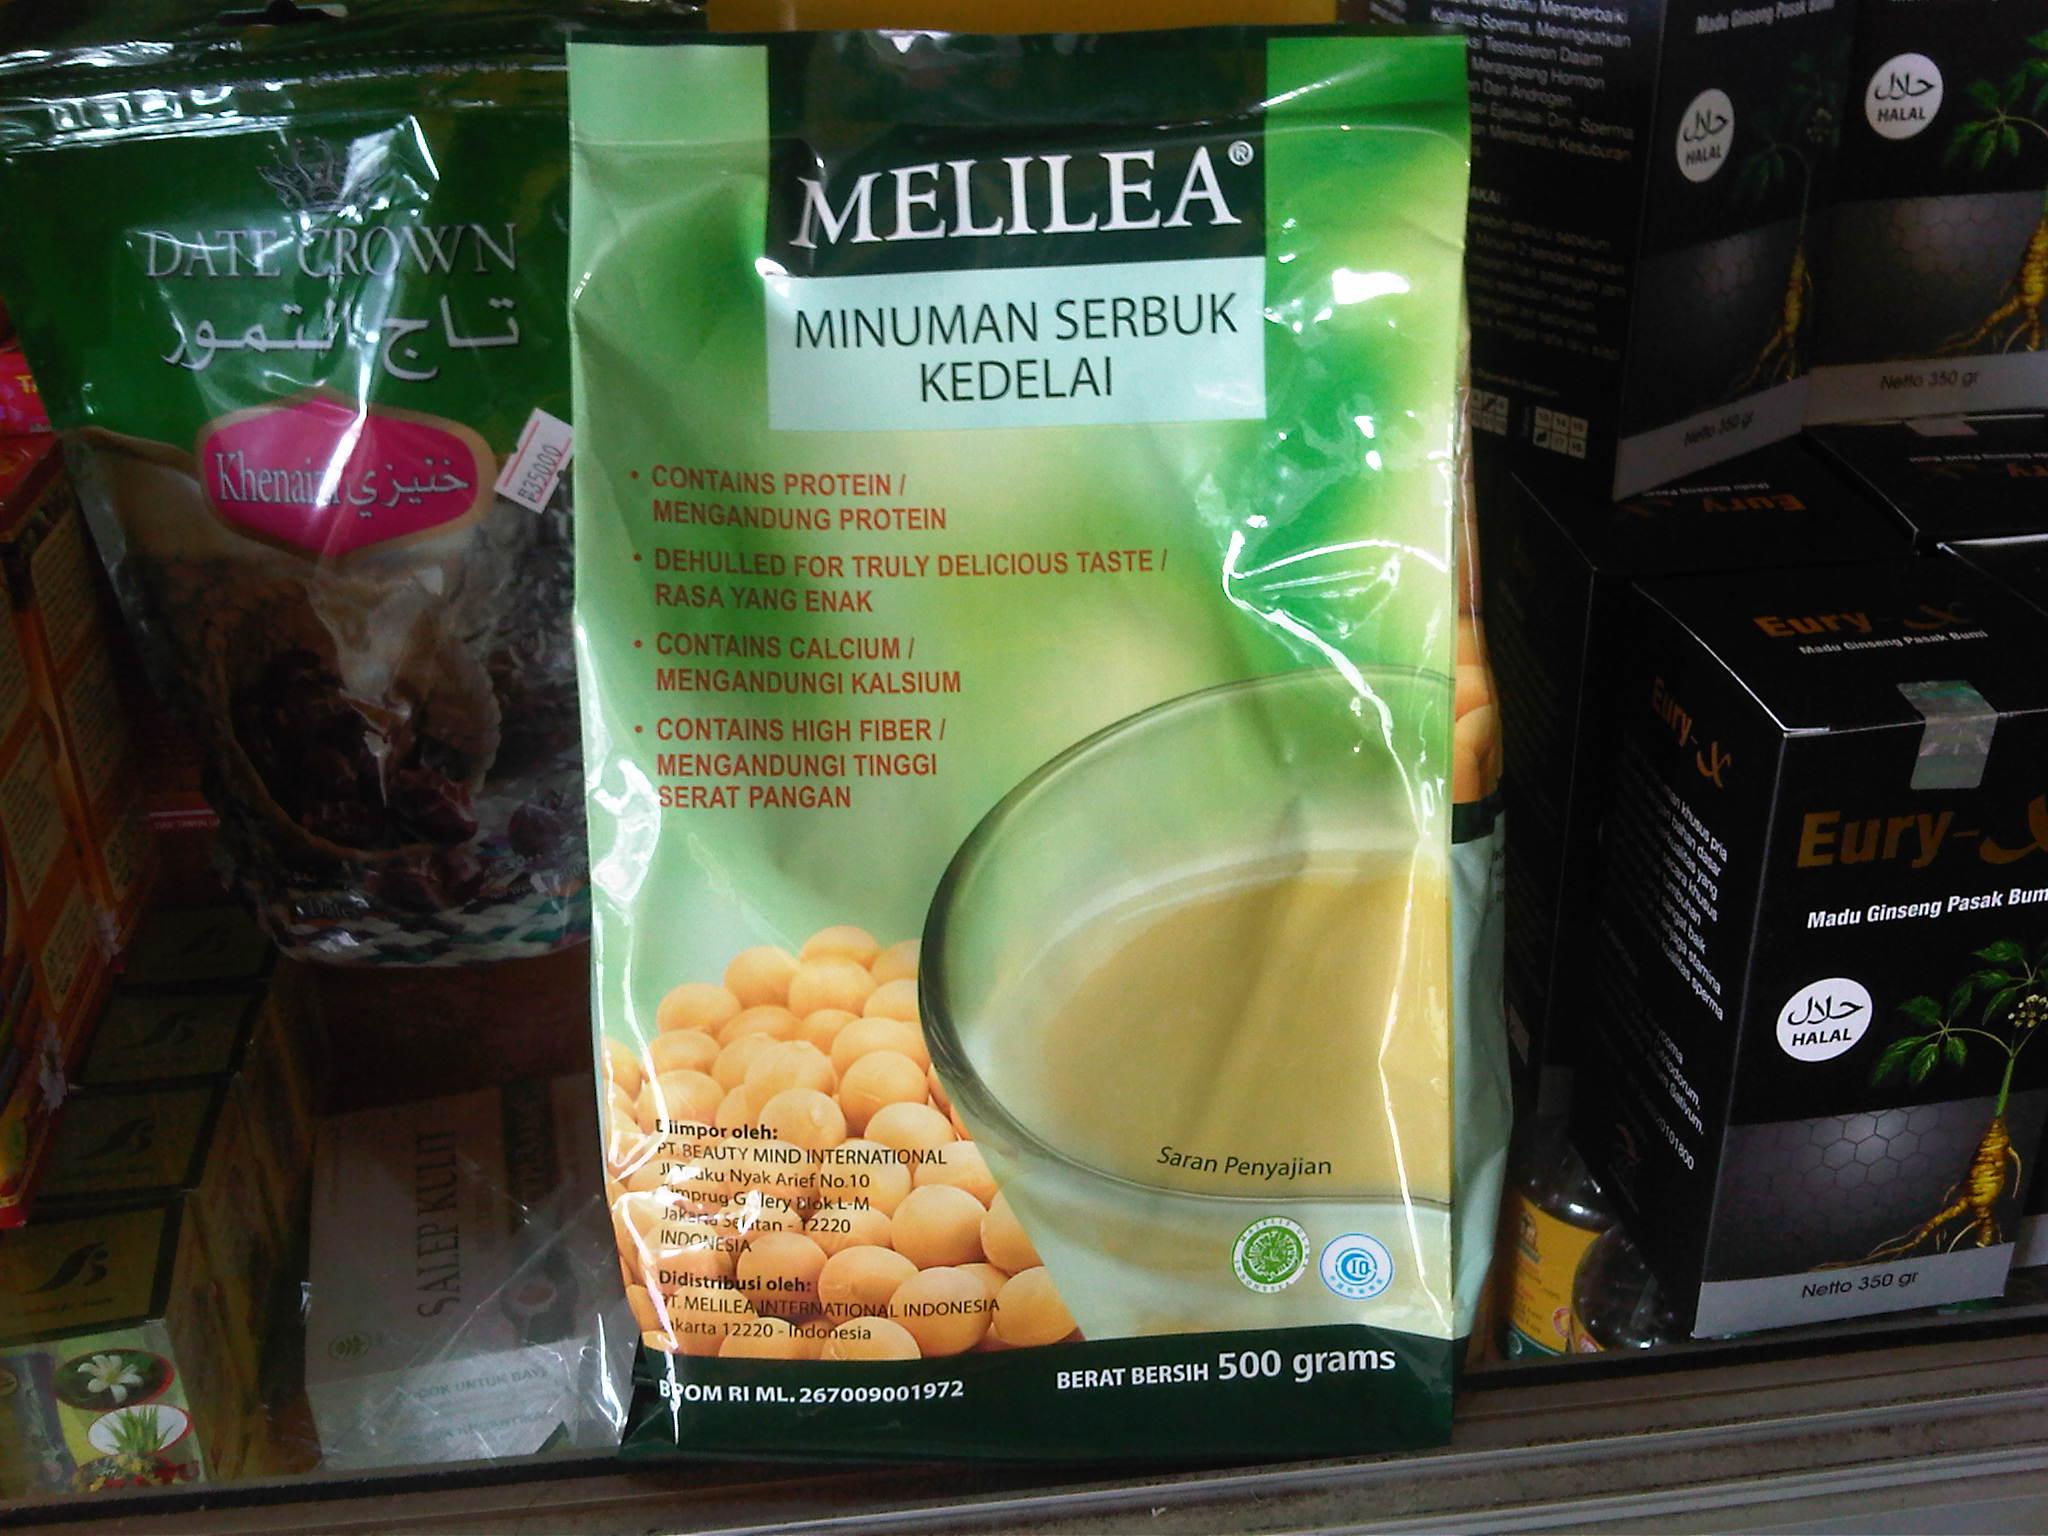 Jual Susu Kedelai Melilea Organic Soya Drink Herbal Organik Serbuk Jakarta Tokopedia